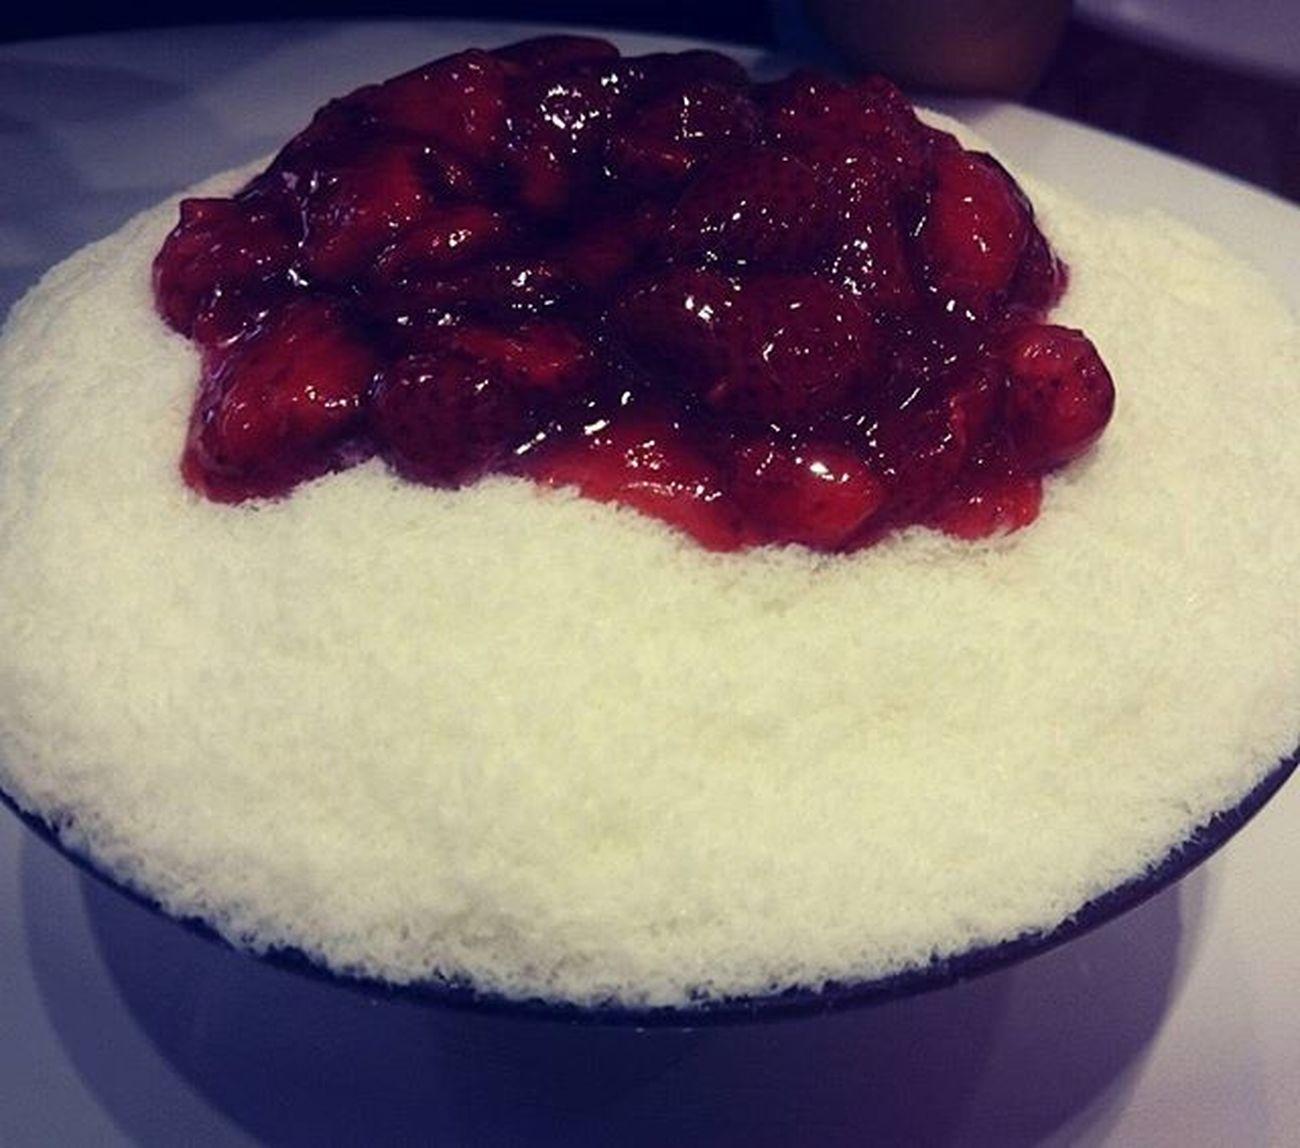 Nghe nói đây là patbingsu ngon nhất vịnh Bắc Bộ 🍧🍧🍧Brobingsu Susfoodtrip Lozihn Foodyhanoi Foodporn Yummy Strawberry Patbingsu LargeSize